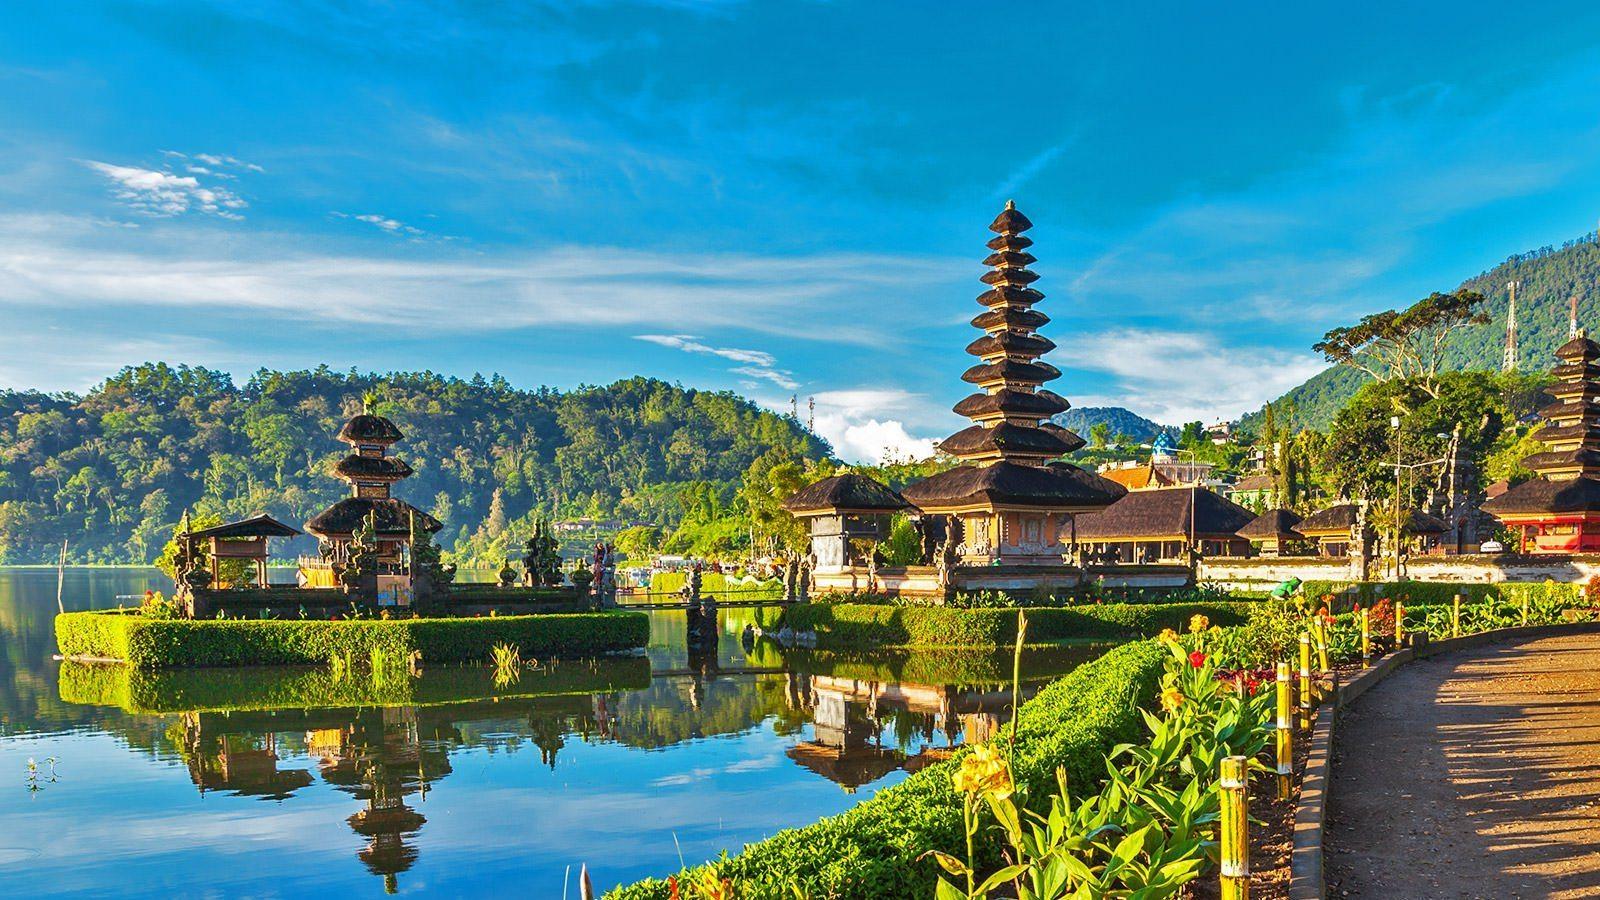 افضل برنامج لقضاء شهر عسل في اندونسيا (10)